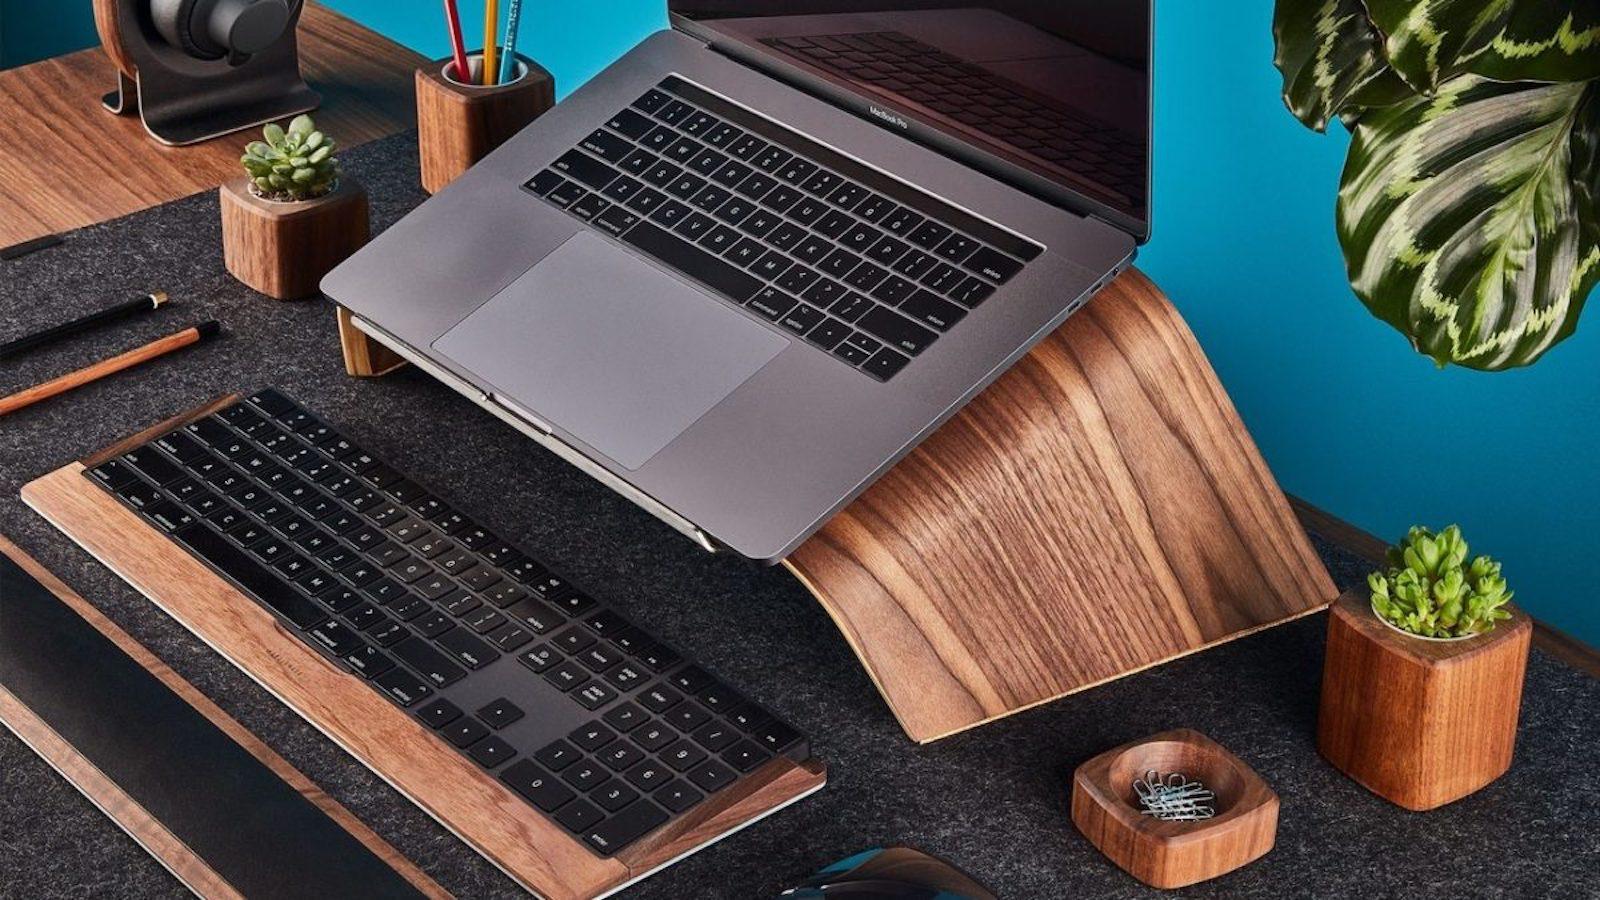 Grovemade walnut laptop stand offers an ergonomic work setup